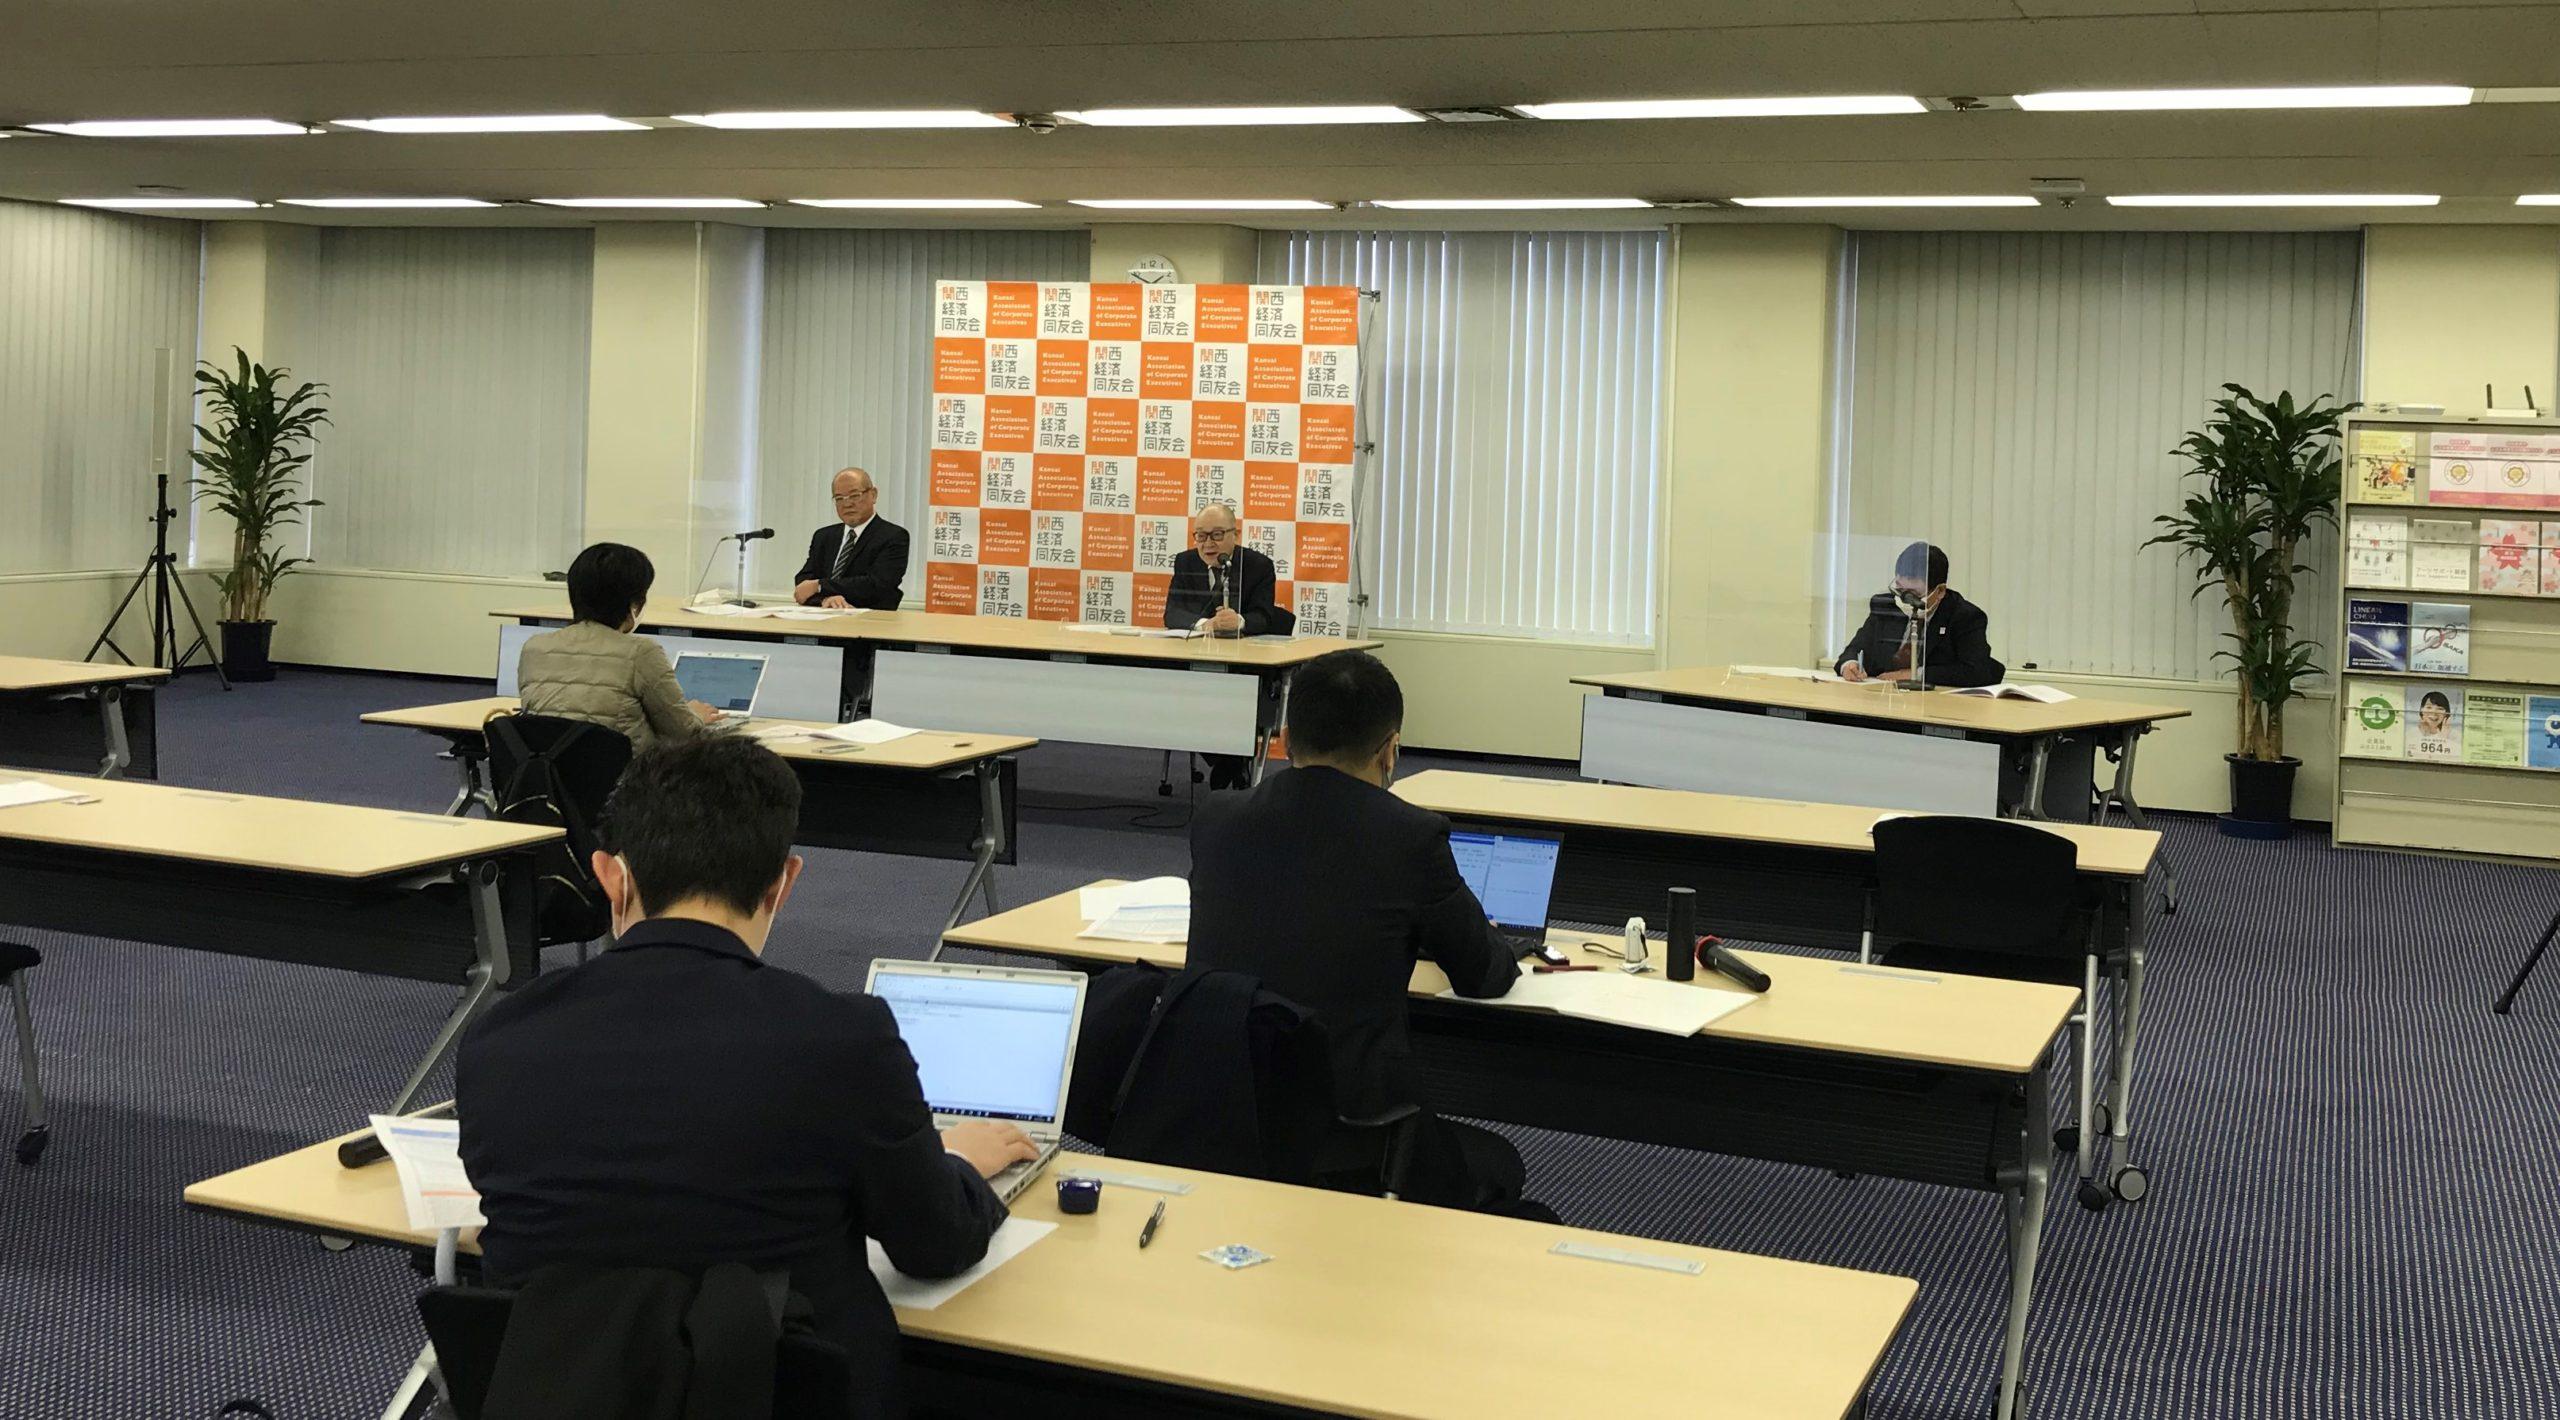 提言「アートを活かした人材育成と都市価値向上へ。~大阪・関西の未来を文化の力でつくる~」を発表